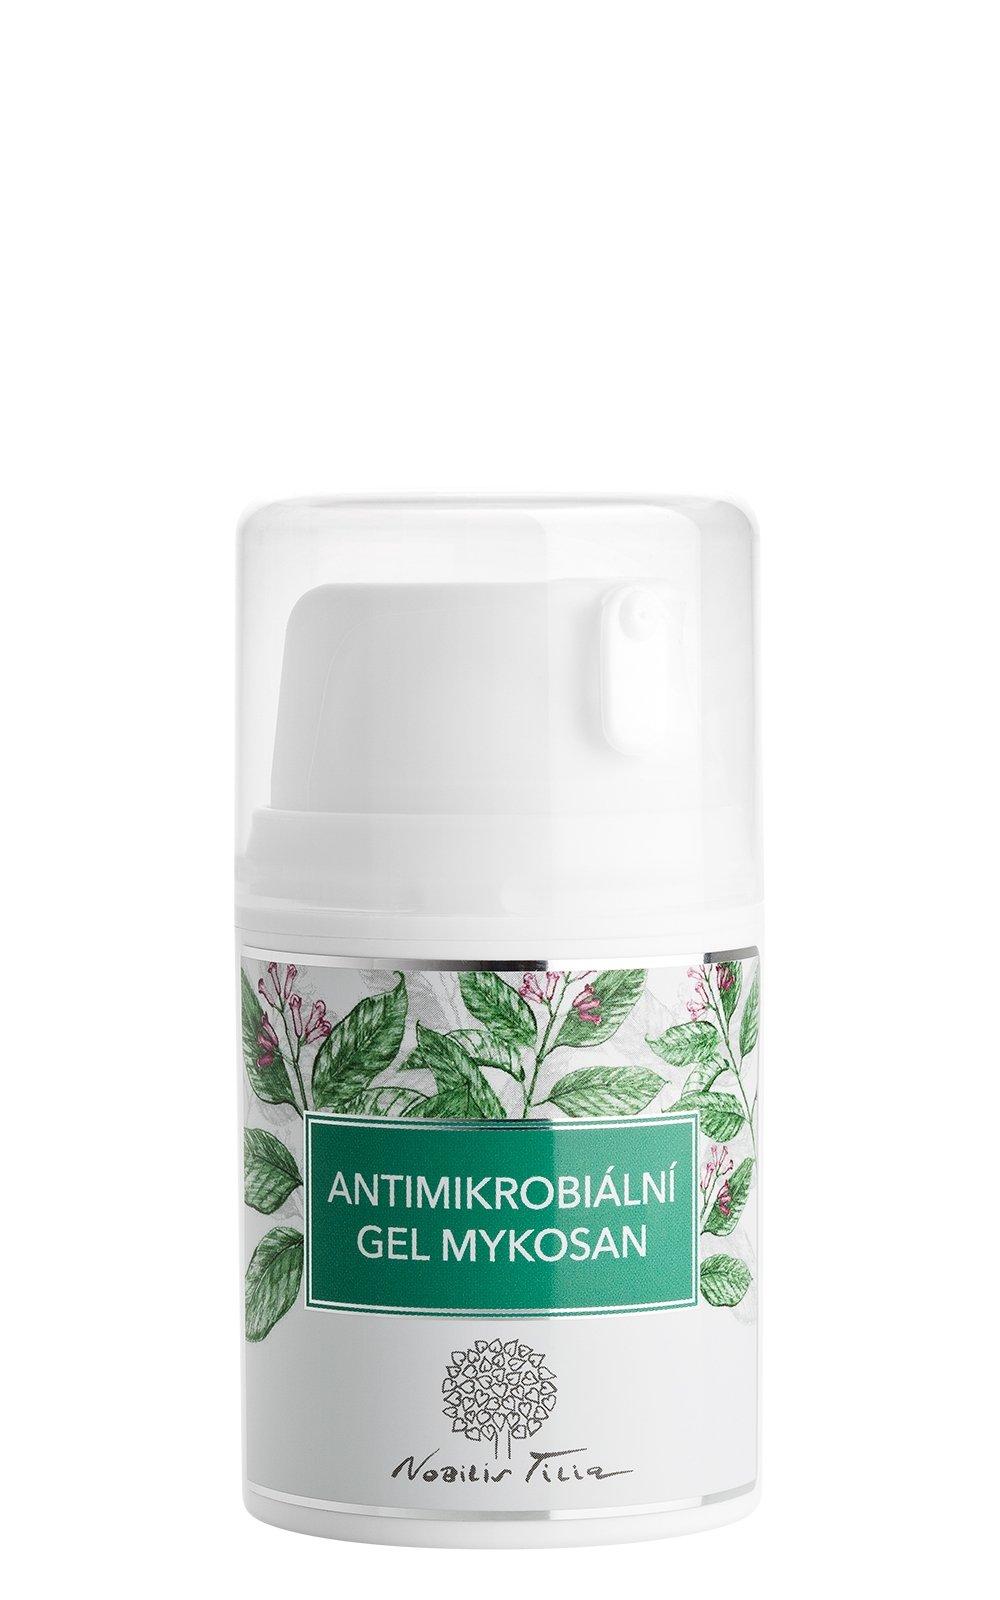 Antimikrobiální gel Mykosan: 50 ml